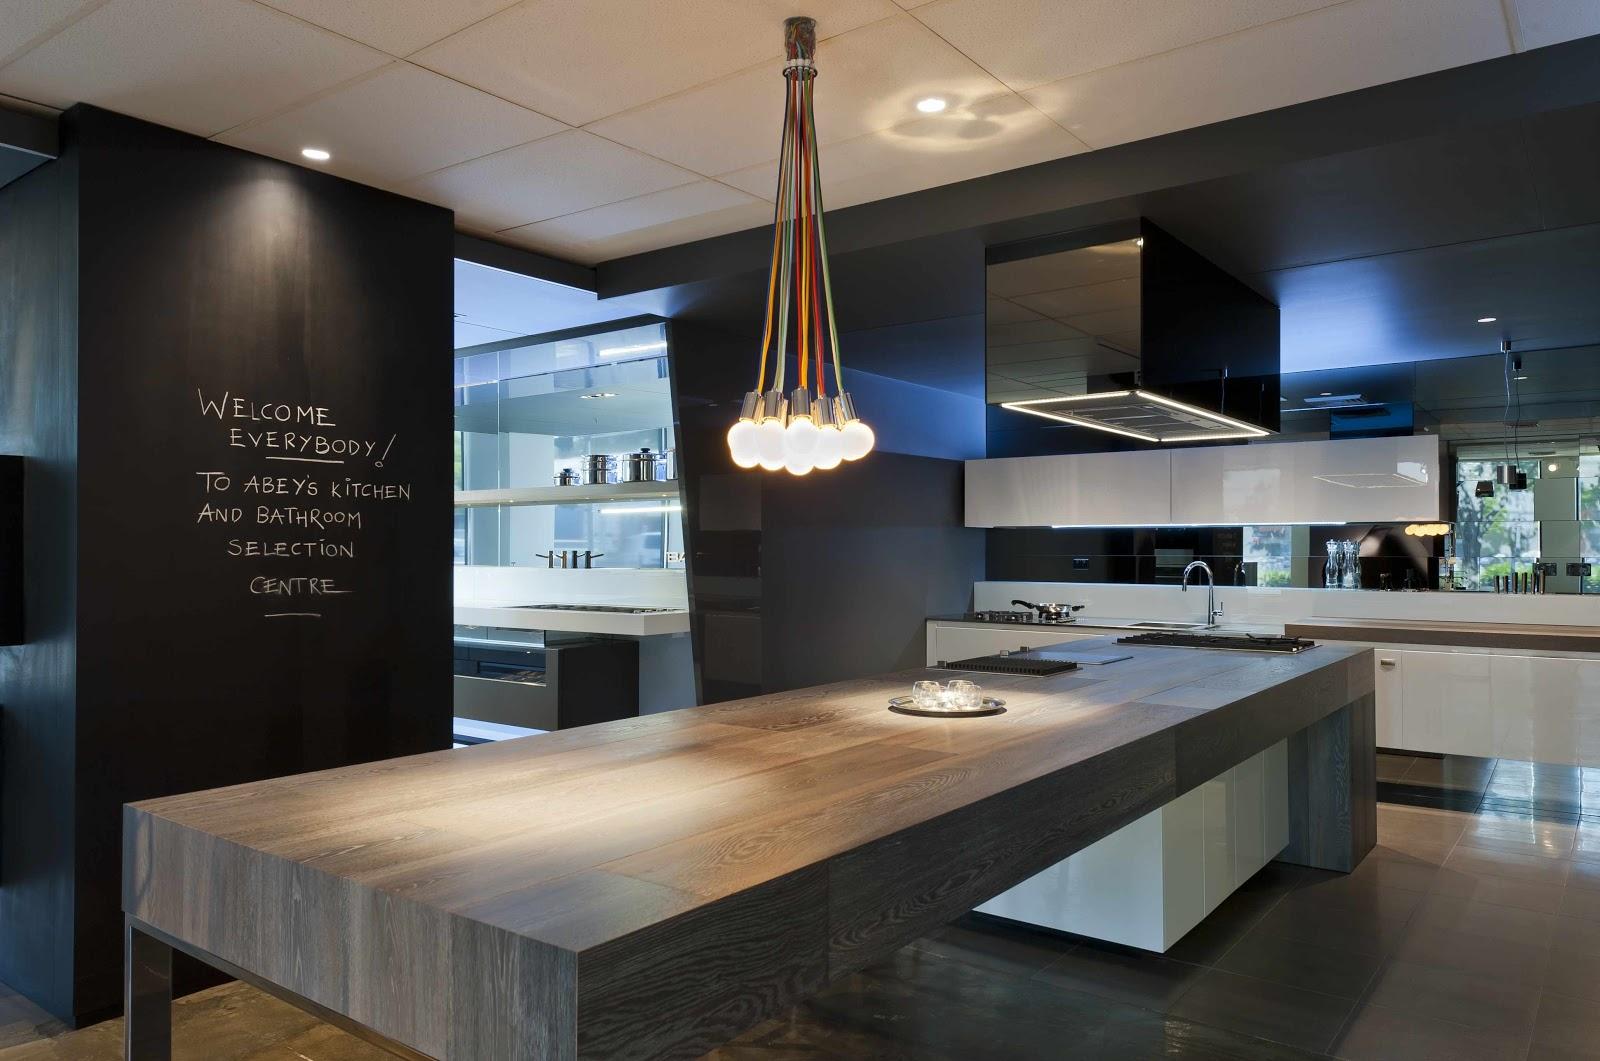 Uncategorized Cooks Kitchen Appliances cooks kitchen appliances ideas photo 9